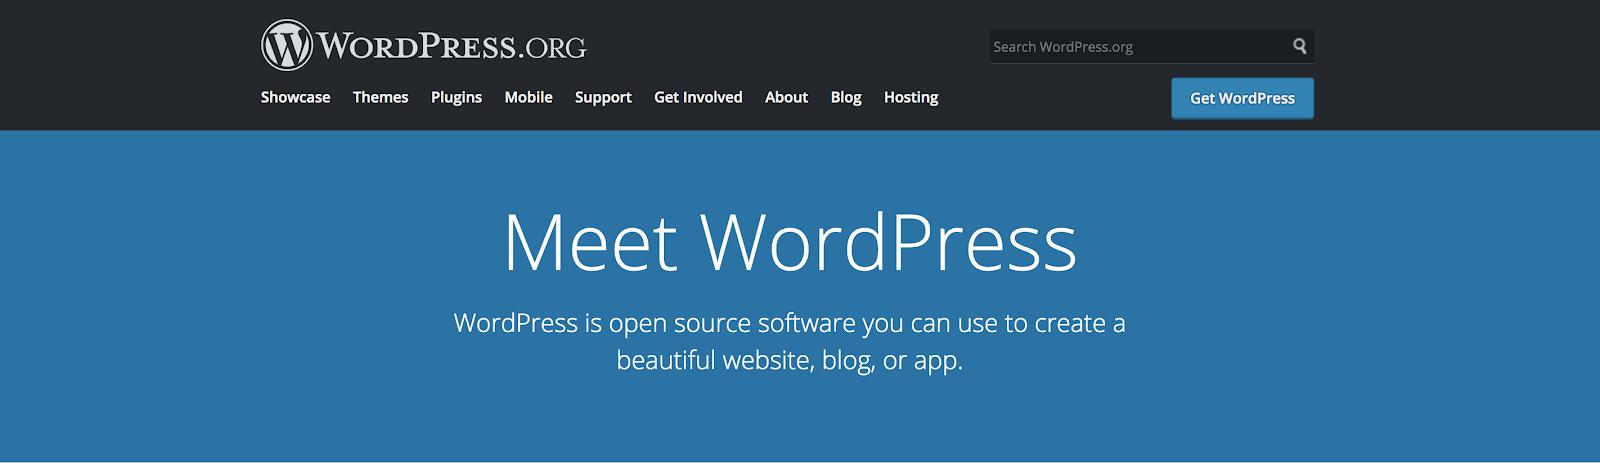 WordPress, el mejor sitio de blogs gratuito y CMS (captura de pantalla)